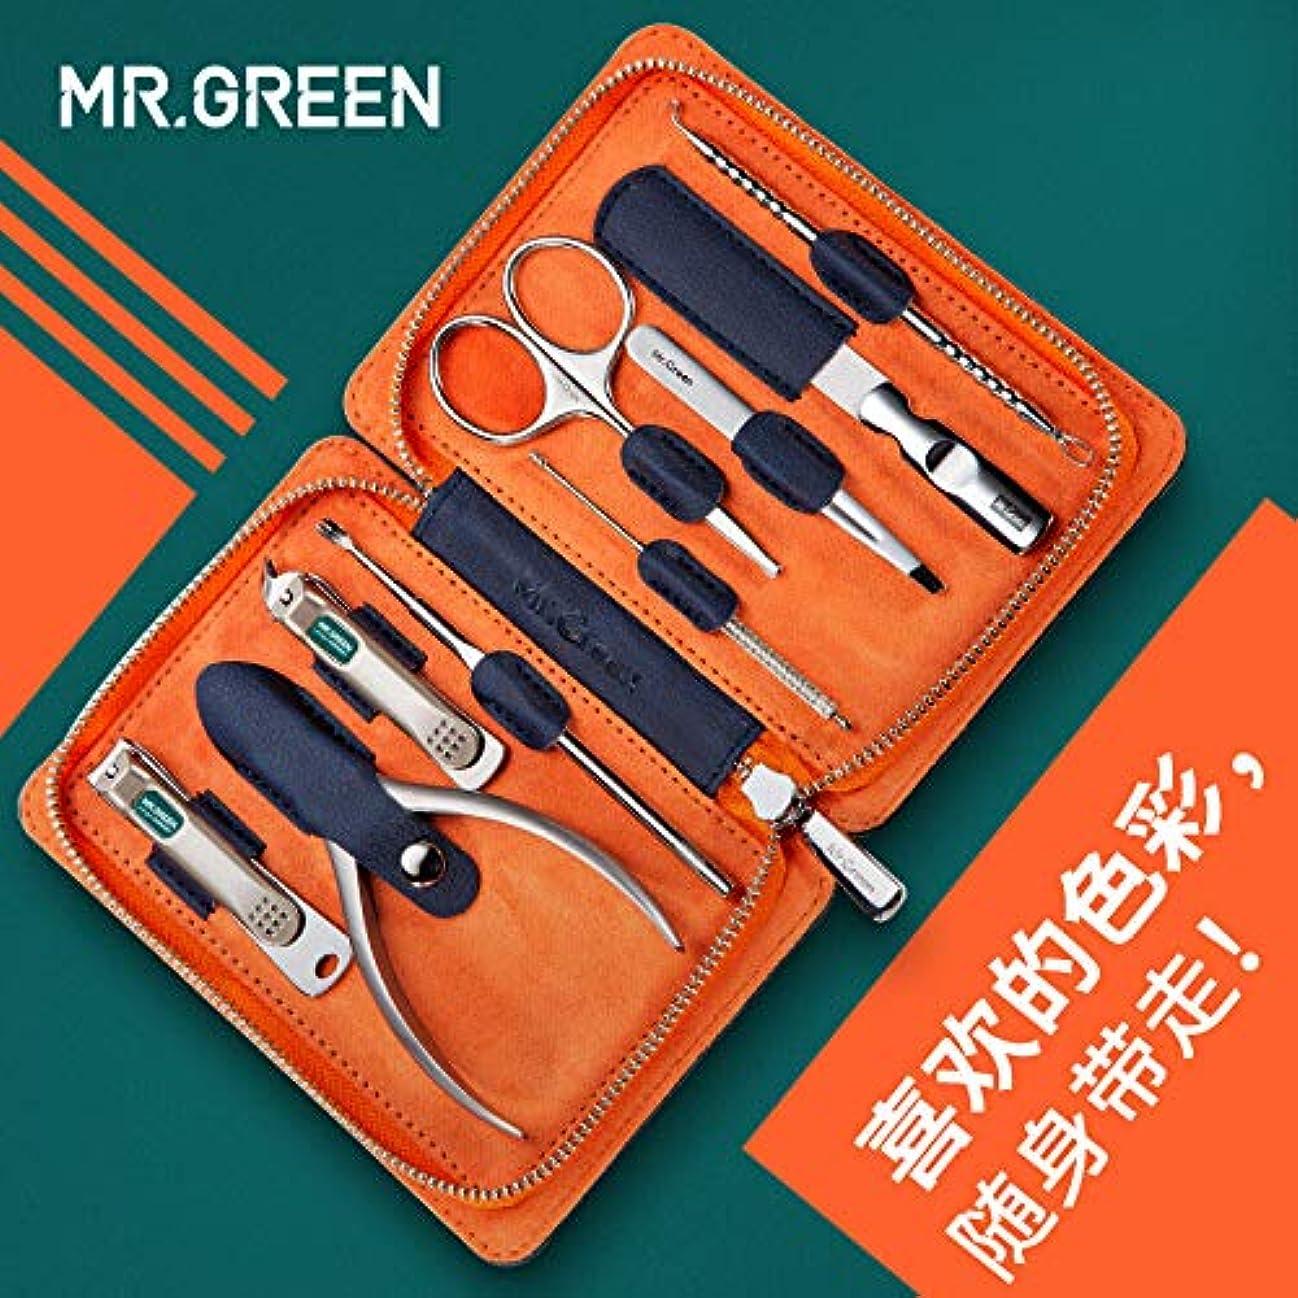 広いしみ万歳MR.GREEN輸入ステンレス爪切りセットペディキュア家庭用爪切り爪切り爪切りセット9青Mr-6019